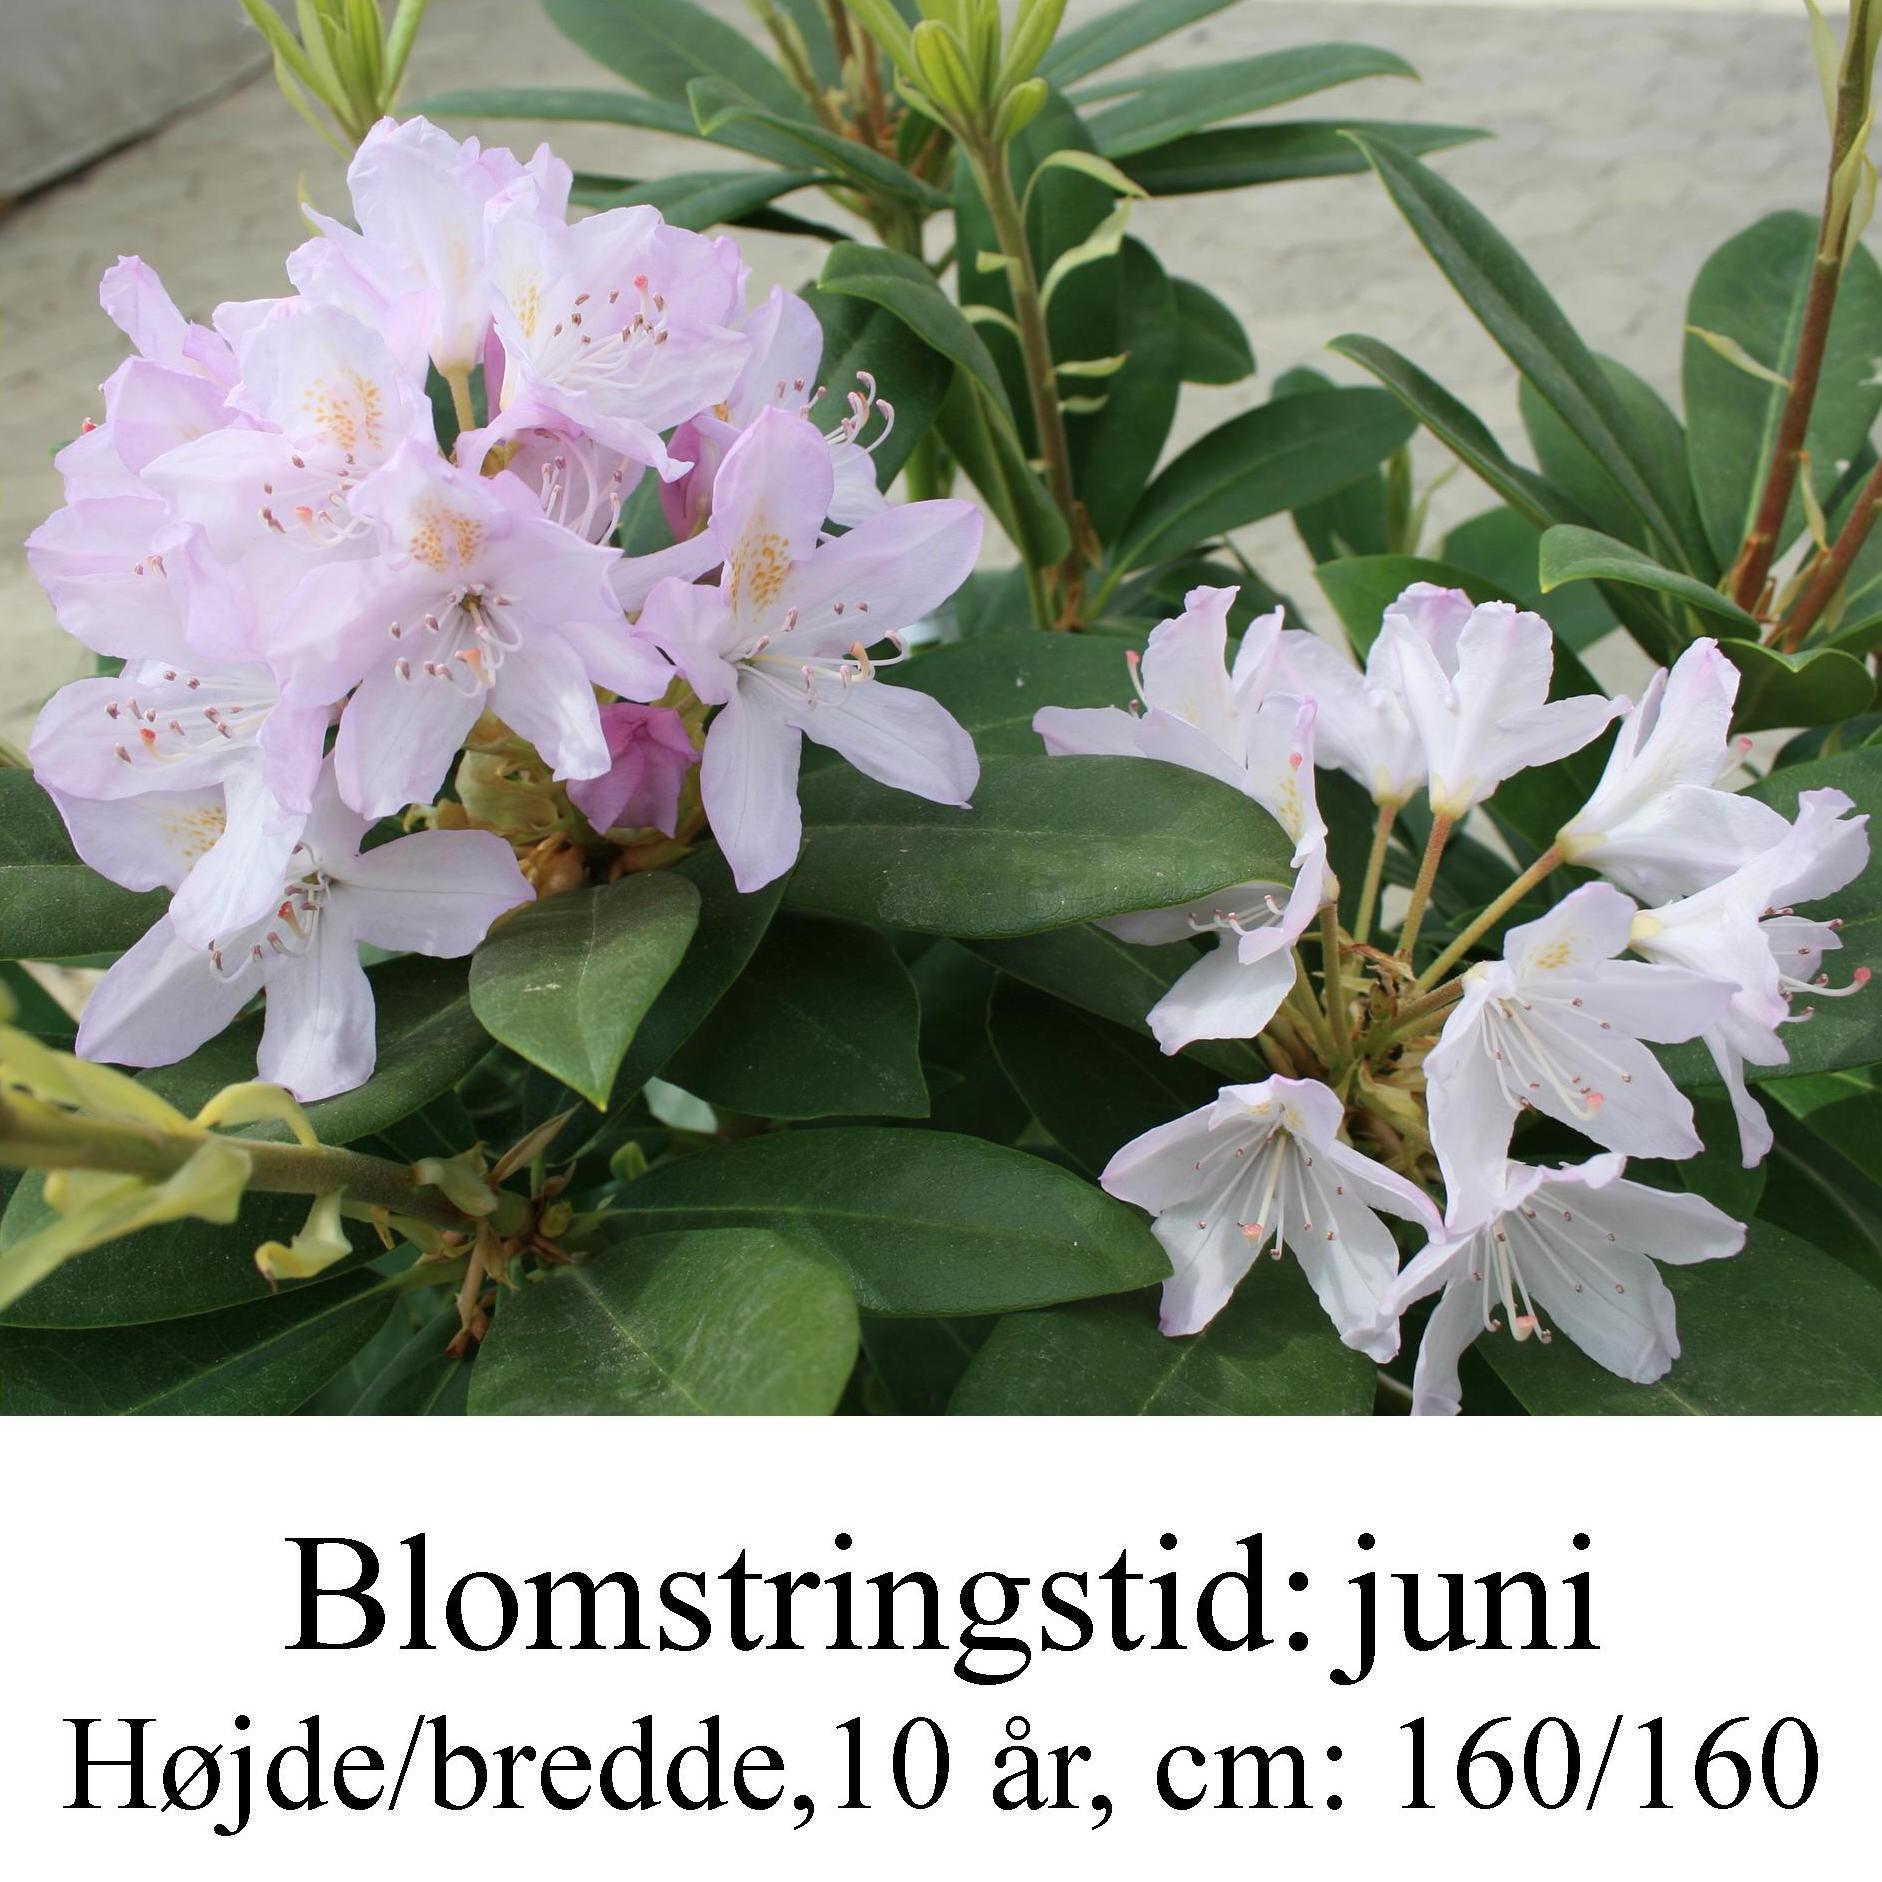 rhododendron Catawbiense Album Novum